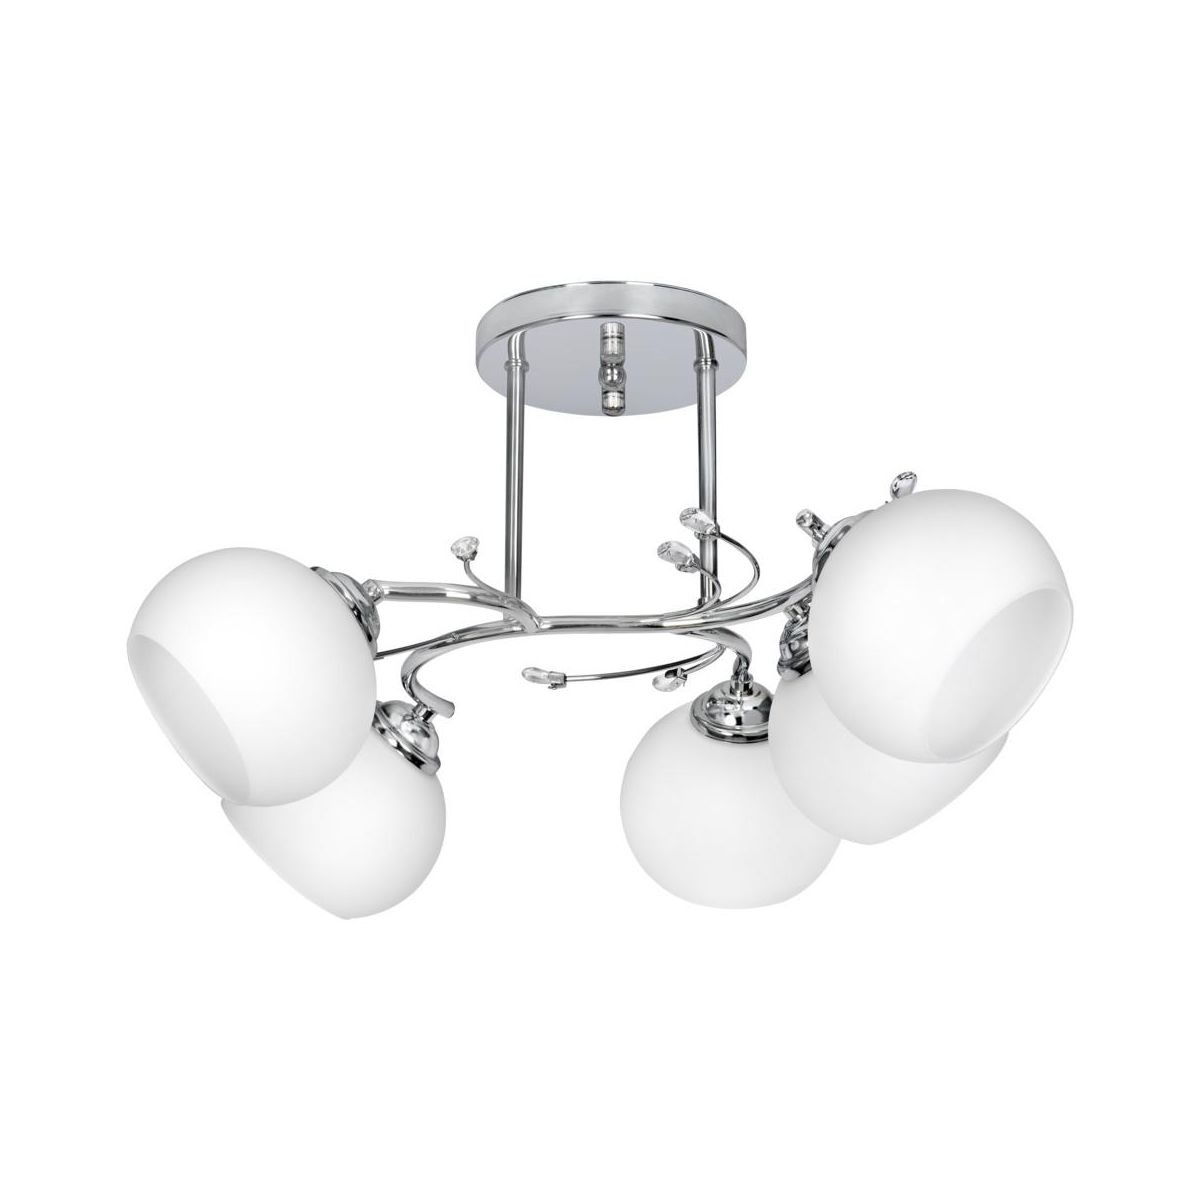 Zyrandol Irma Srebrny E27 Activejet Zyrandole Lampy Wiszace I Sufitowe W Atrakcyjnej Cenie W Sklepach Leroy Merlin